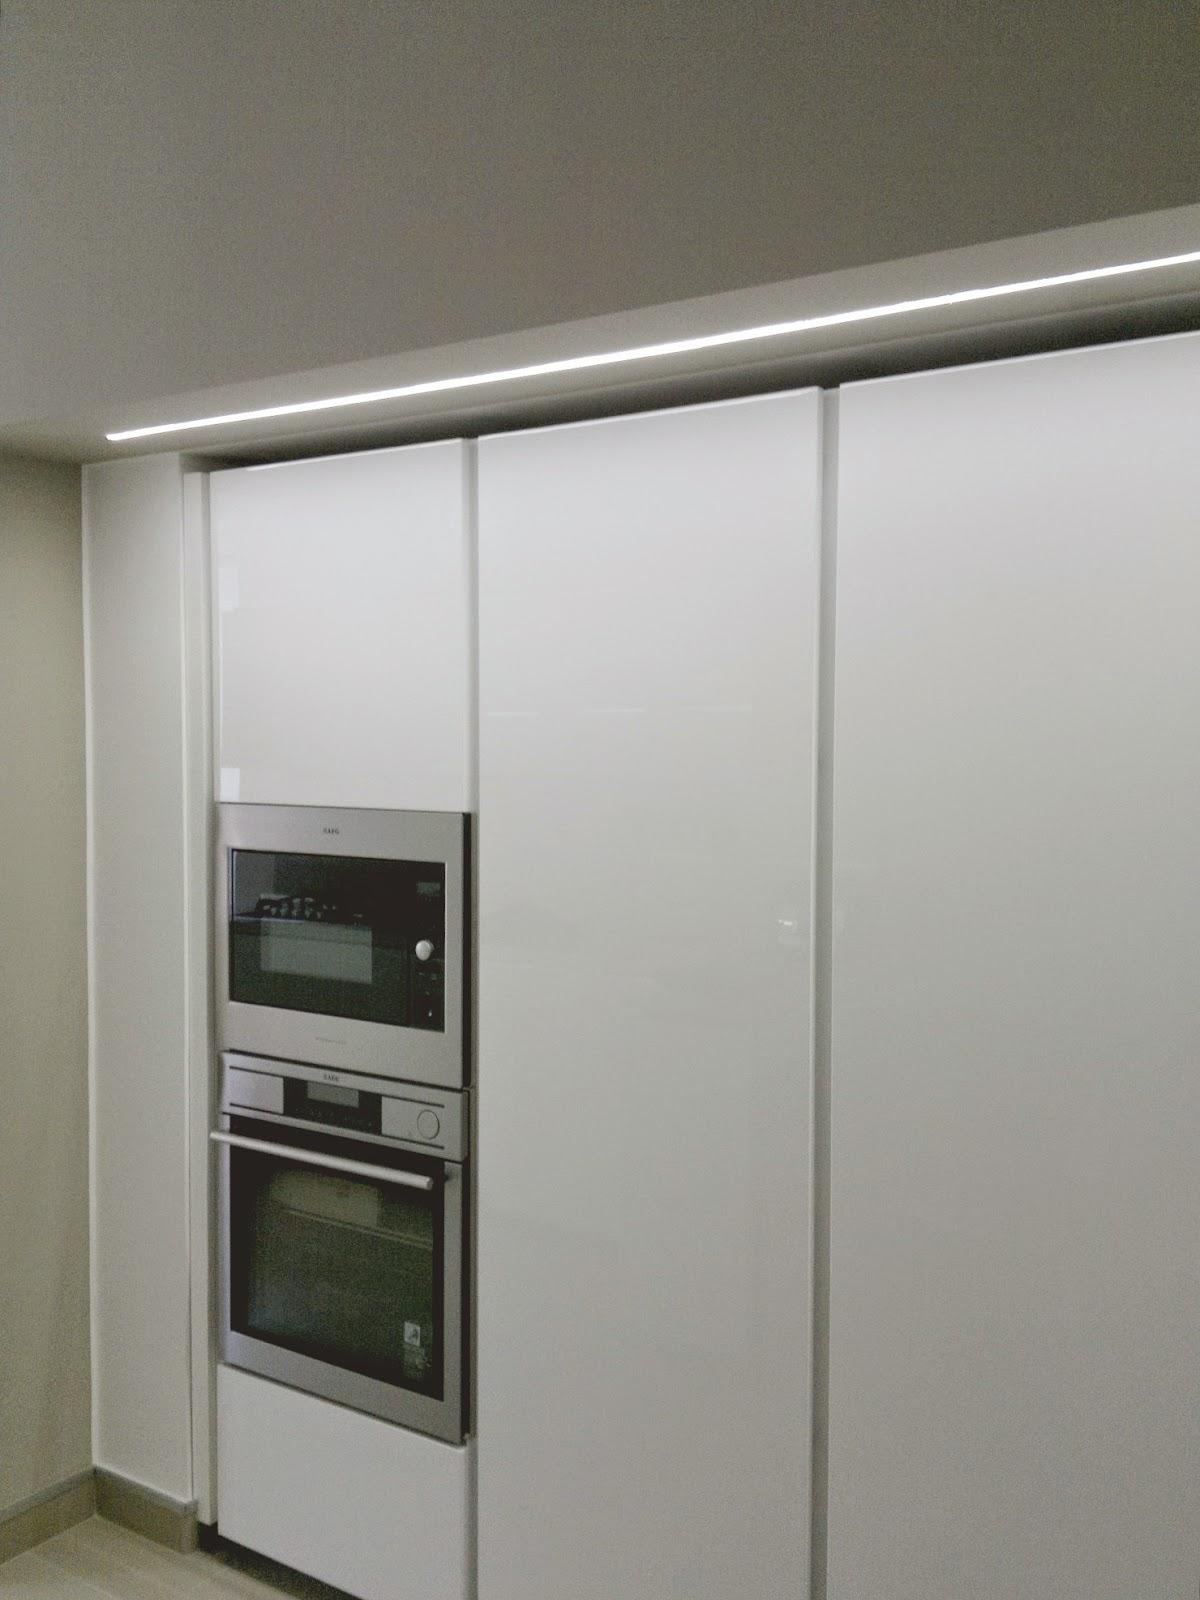 Illuminazione led casa torino ristrutturando un for Led per cucina